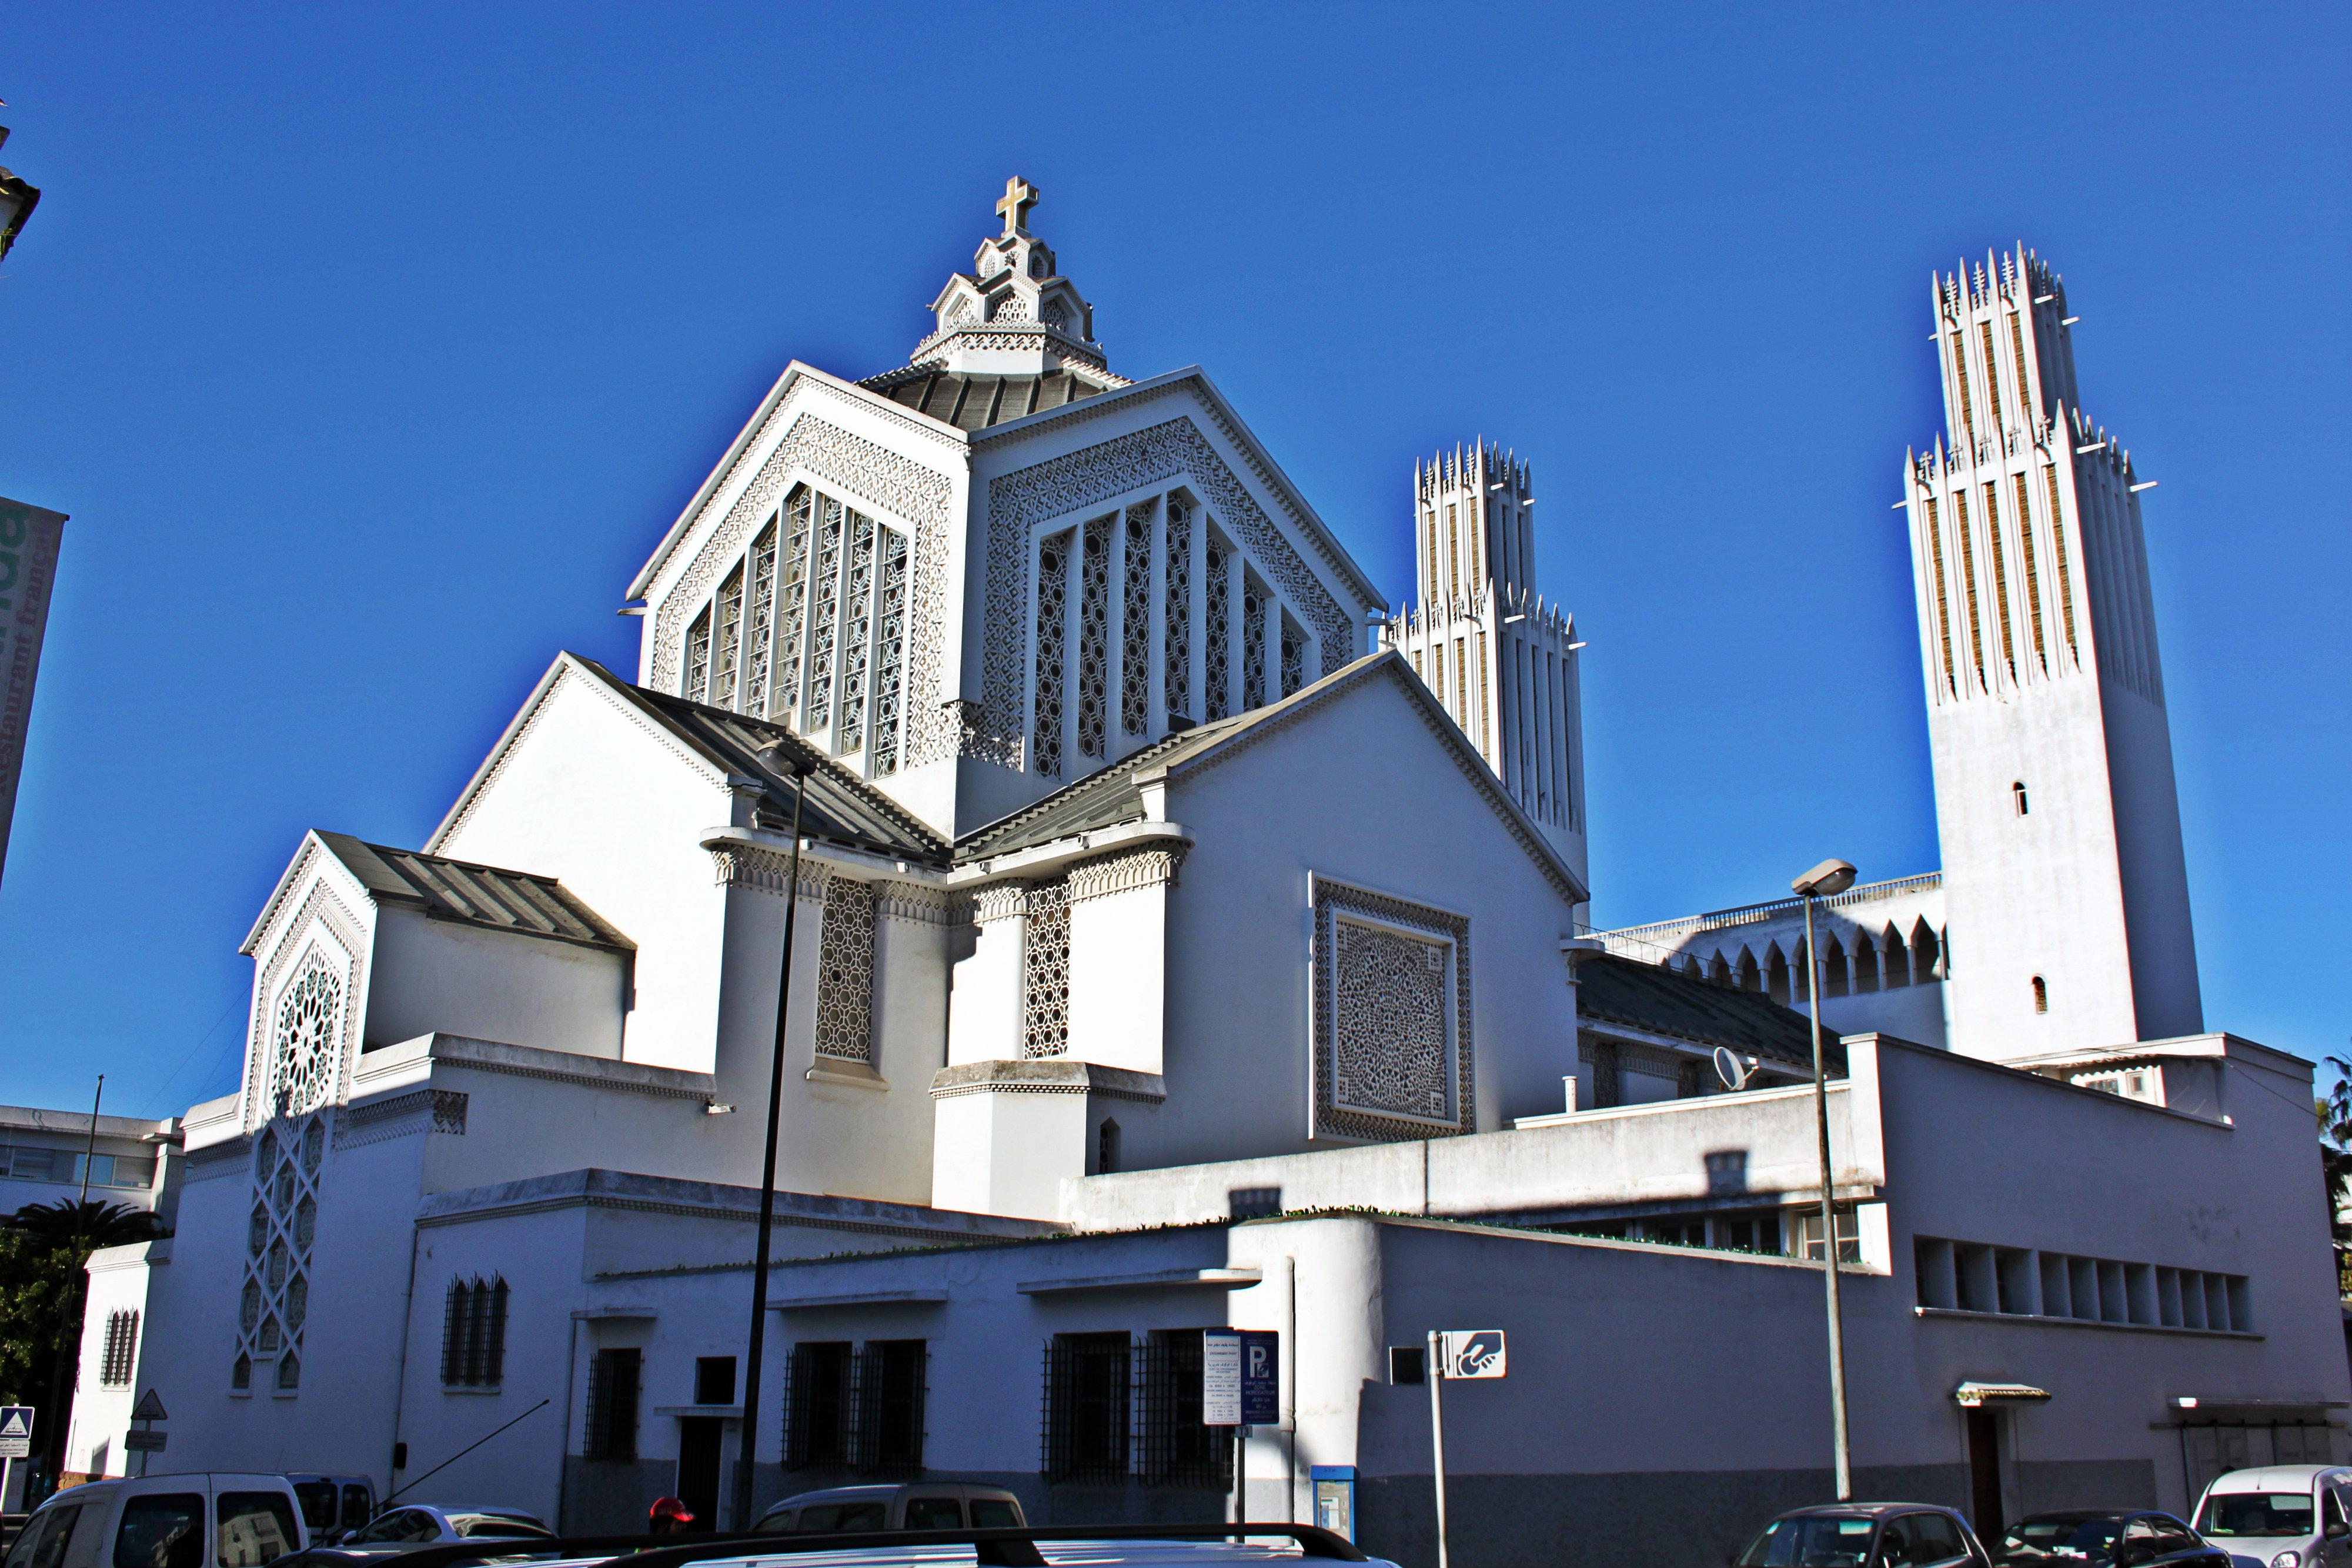 Catedral de São Pedro de Rabat